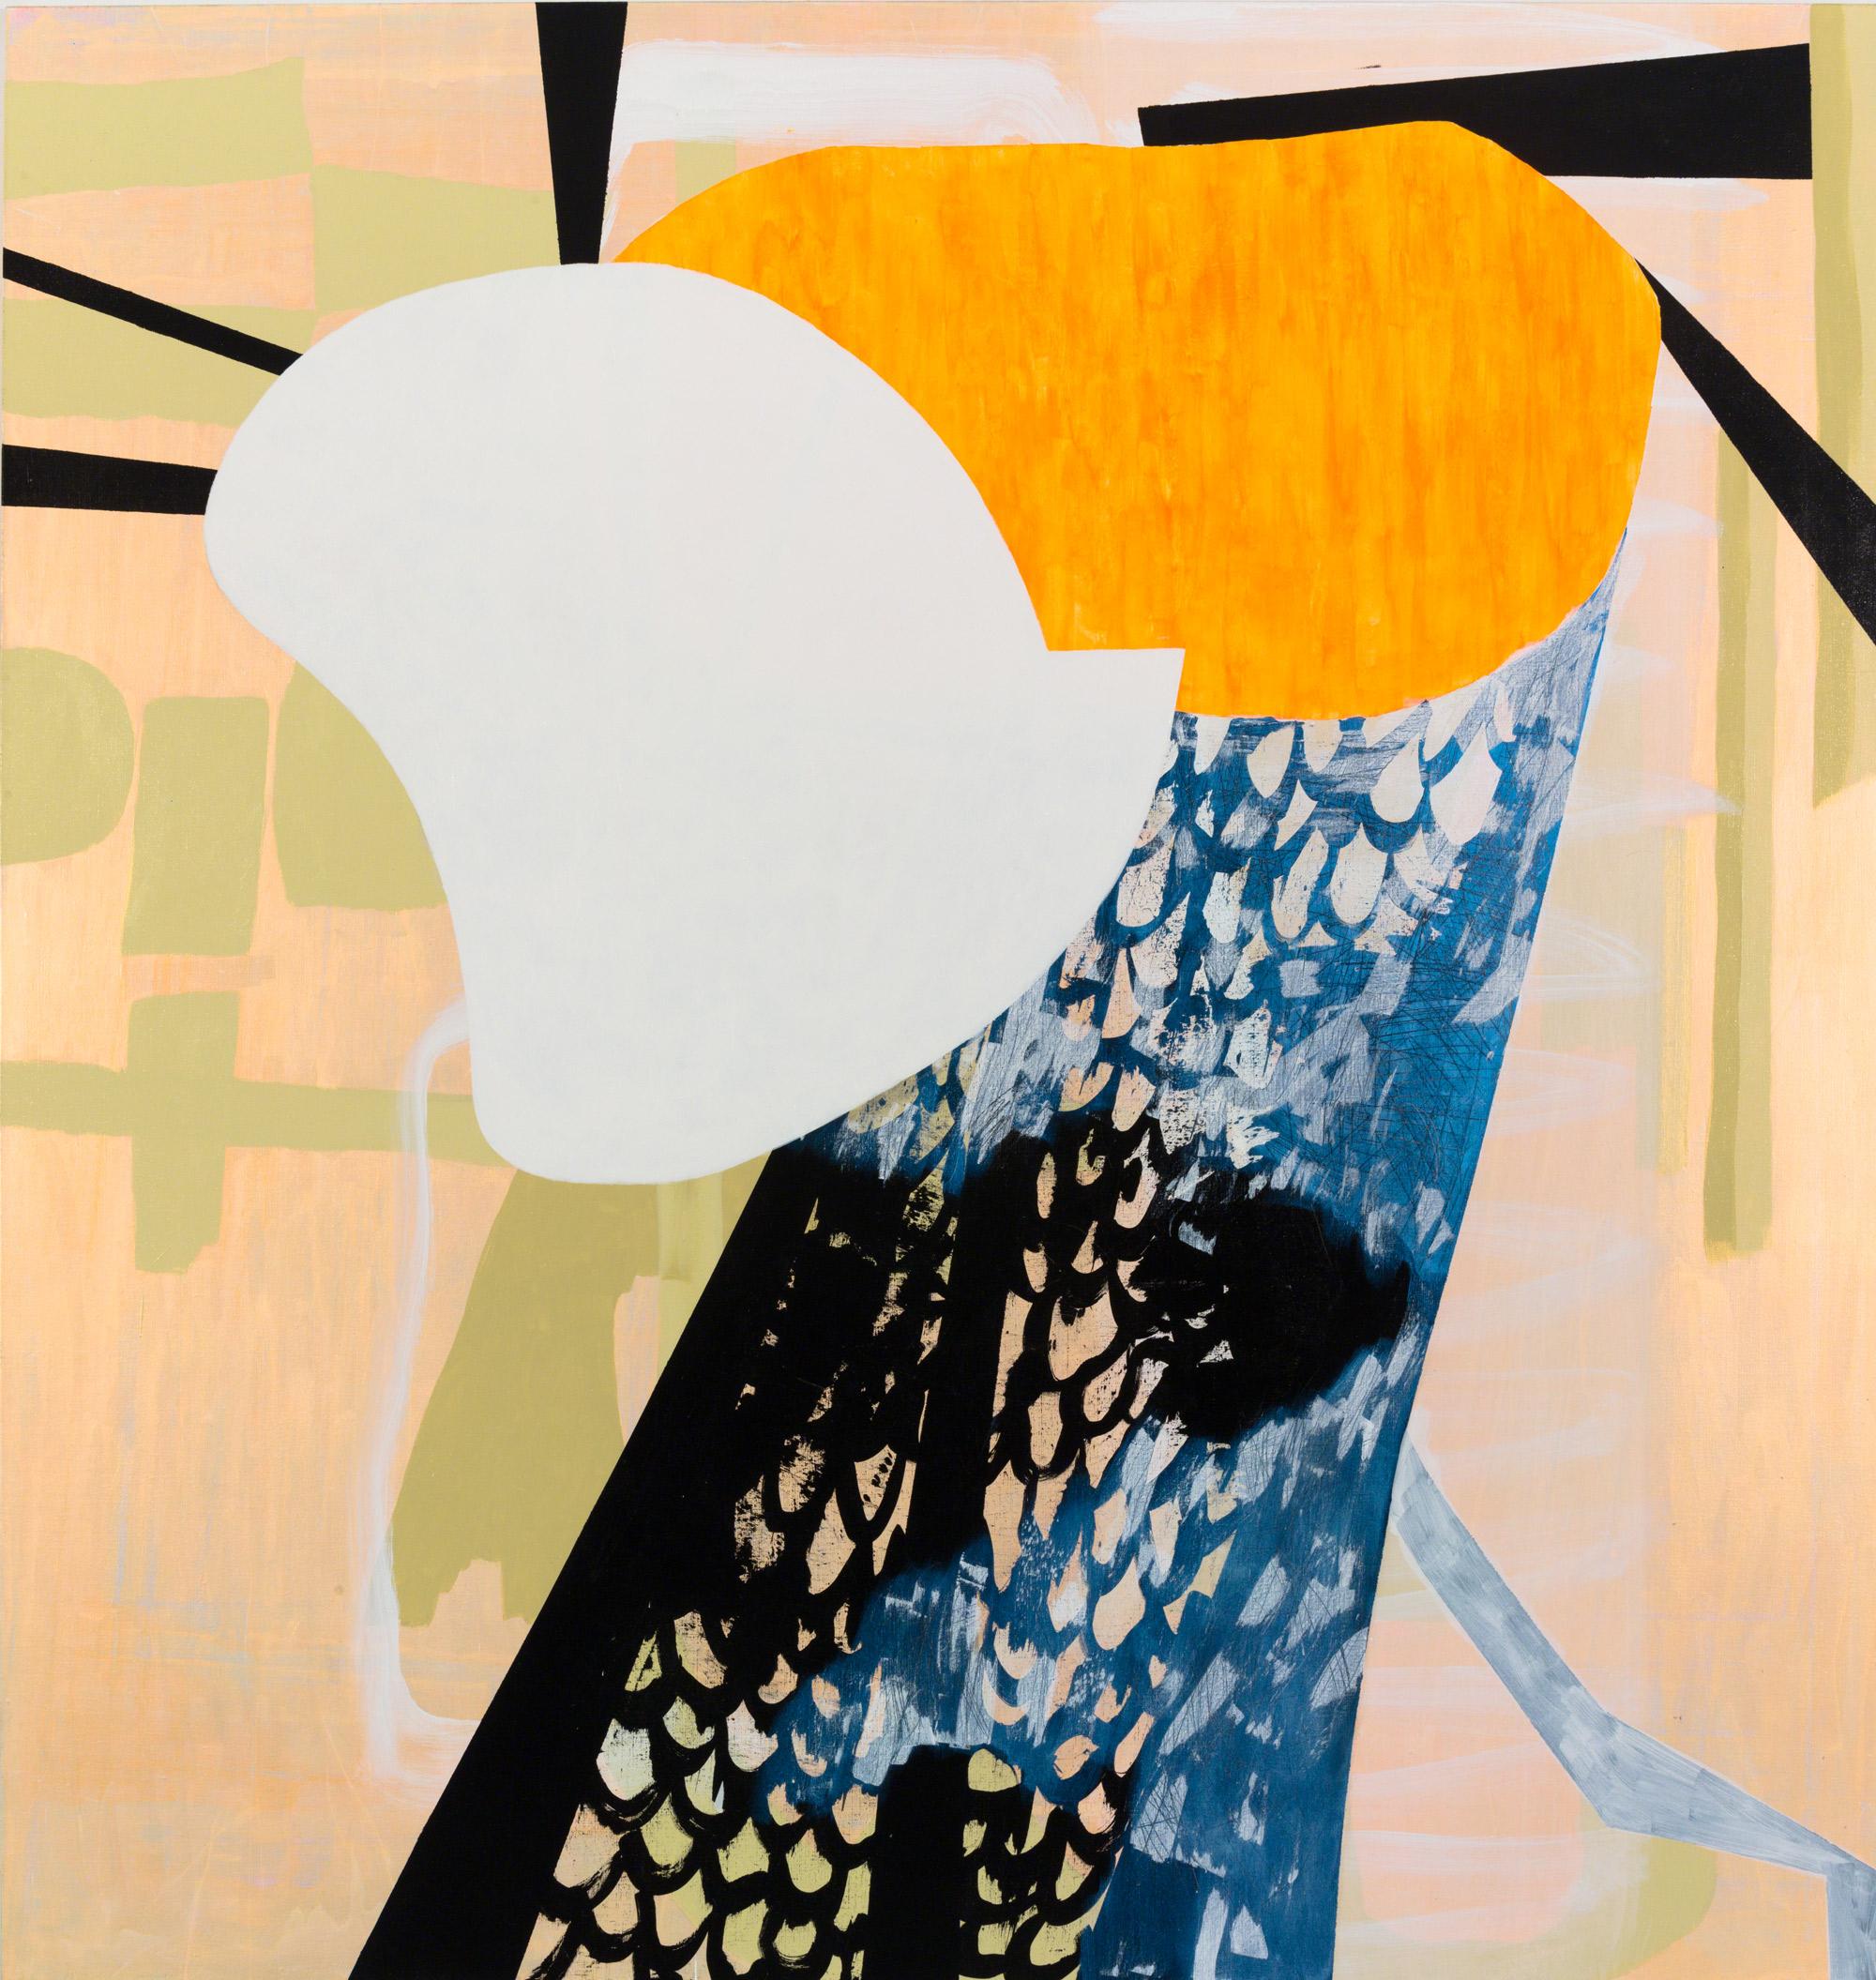 Pancalist, 2012, Charline Von Heyl